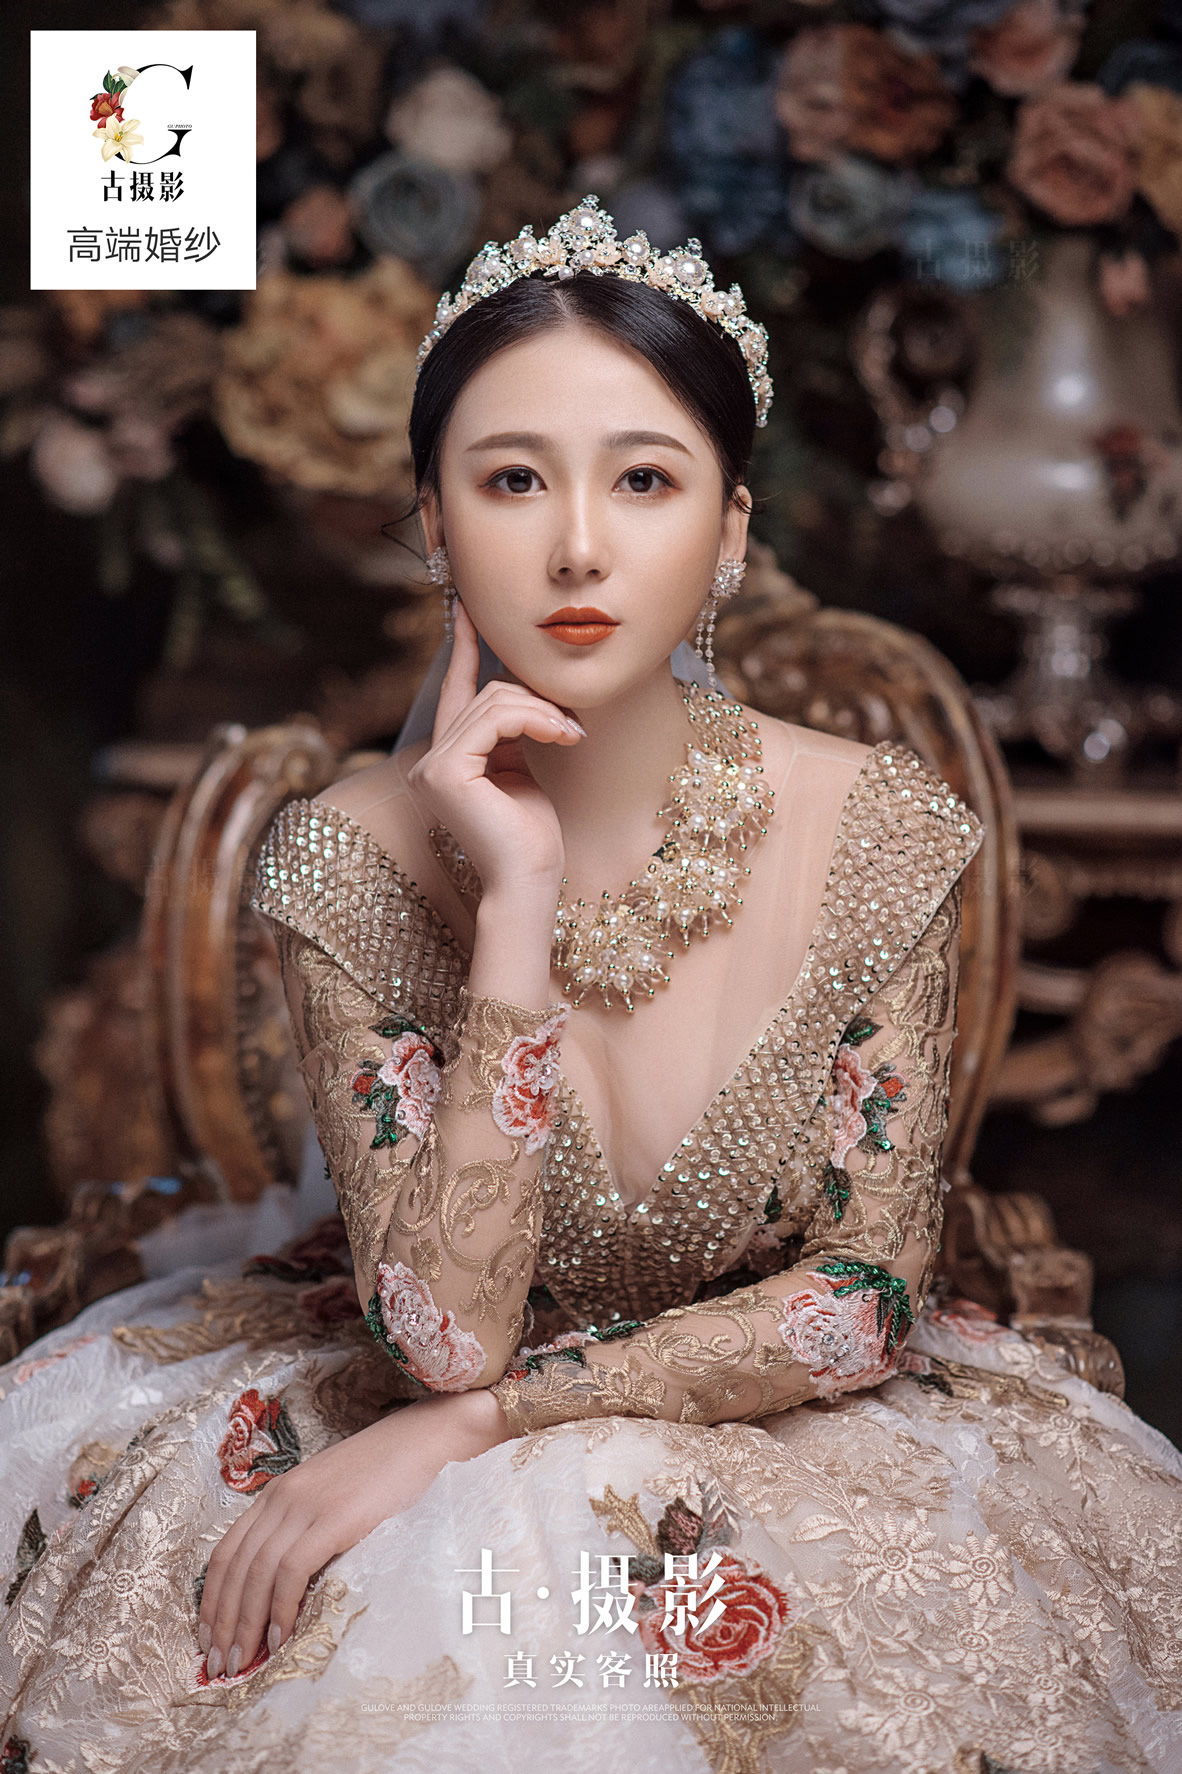 3月11日客片马先生 蔡小姐 - 每日客照 - 广州婚纱摄影-广州古摄影官网